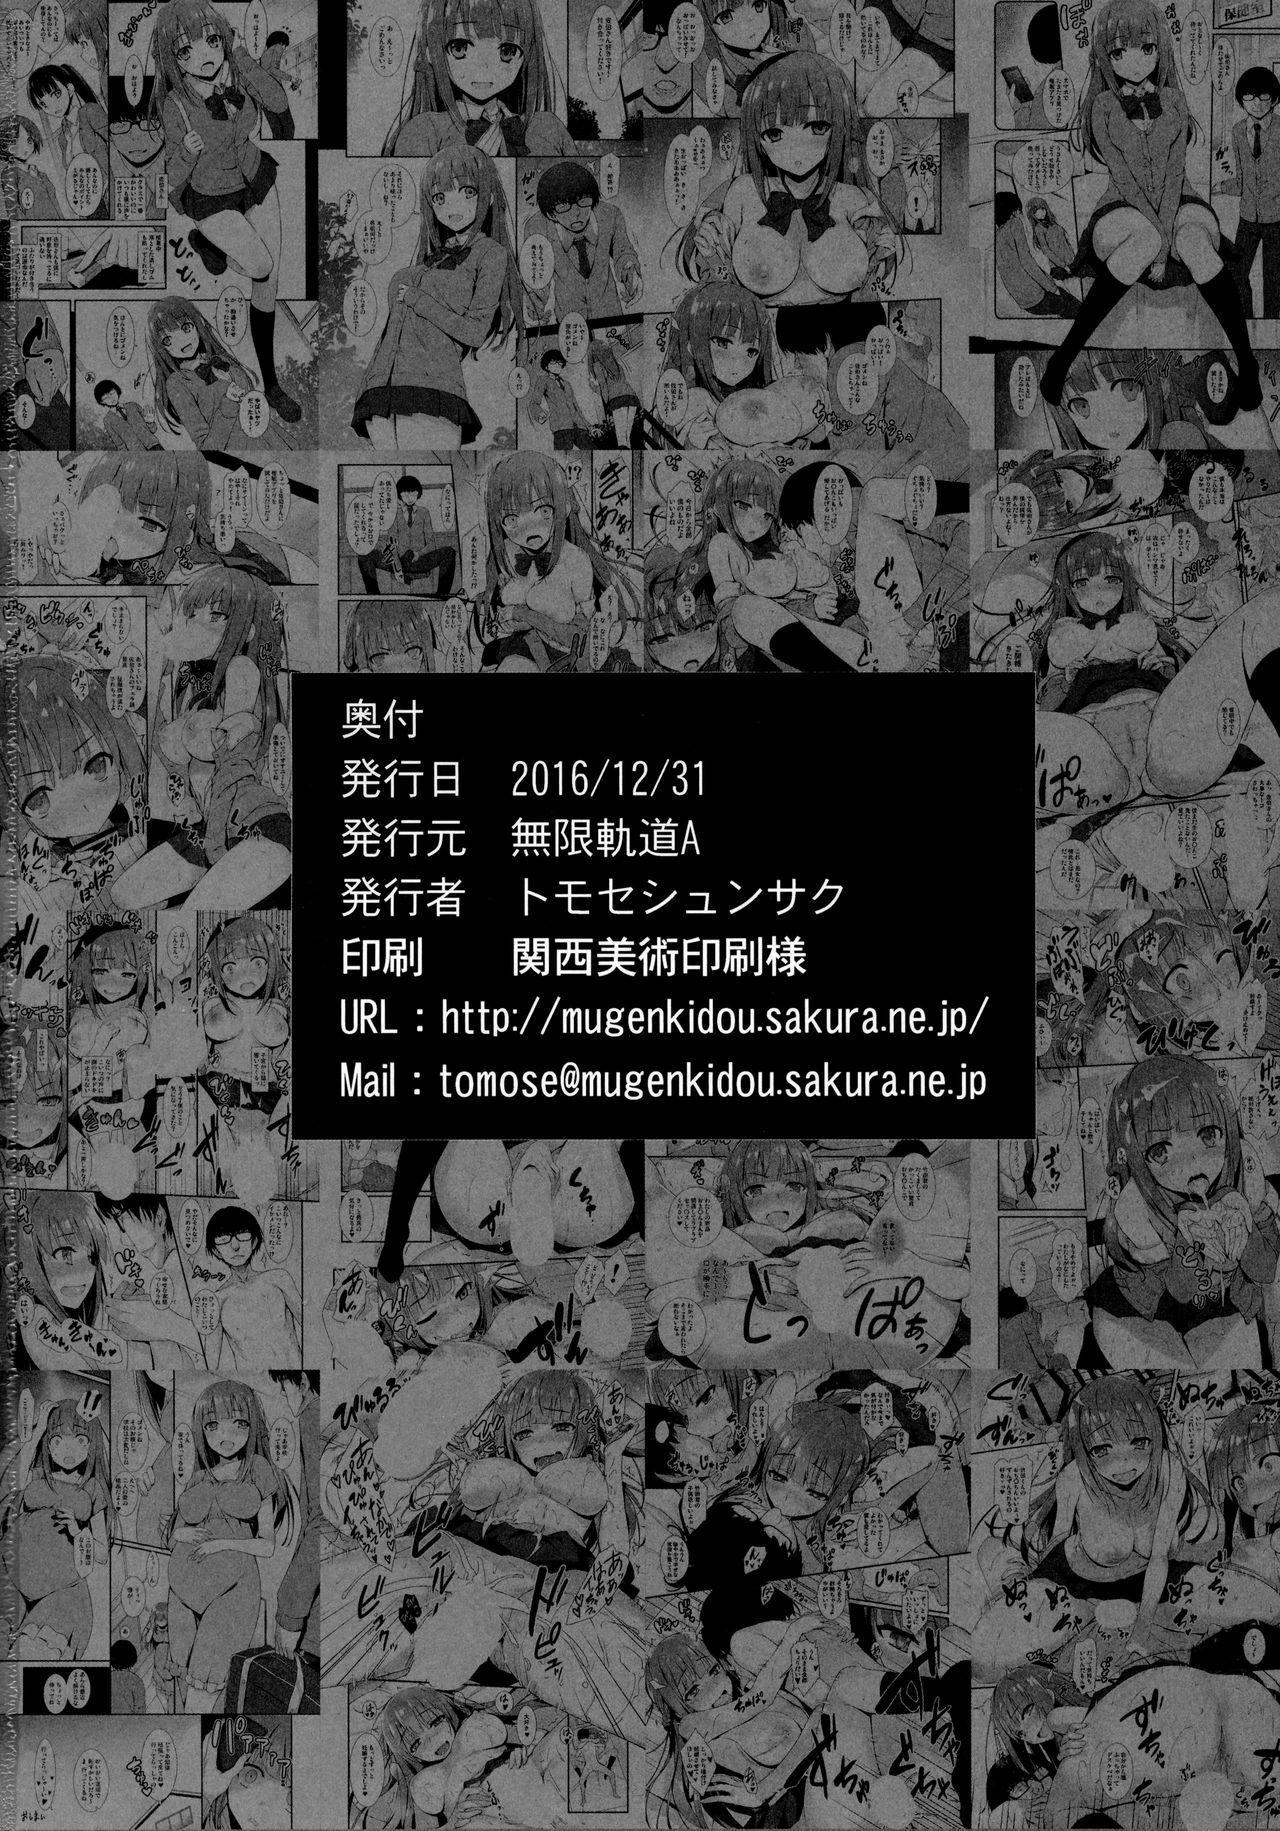 Furarete Kuyashikatta node Shikatanaku Saimin de Kanojo ni Shitemimashita. 20